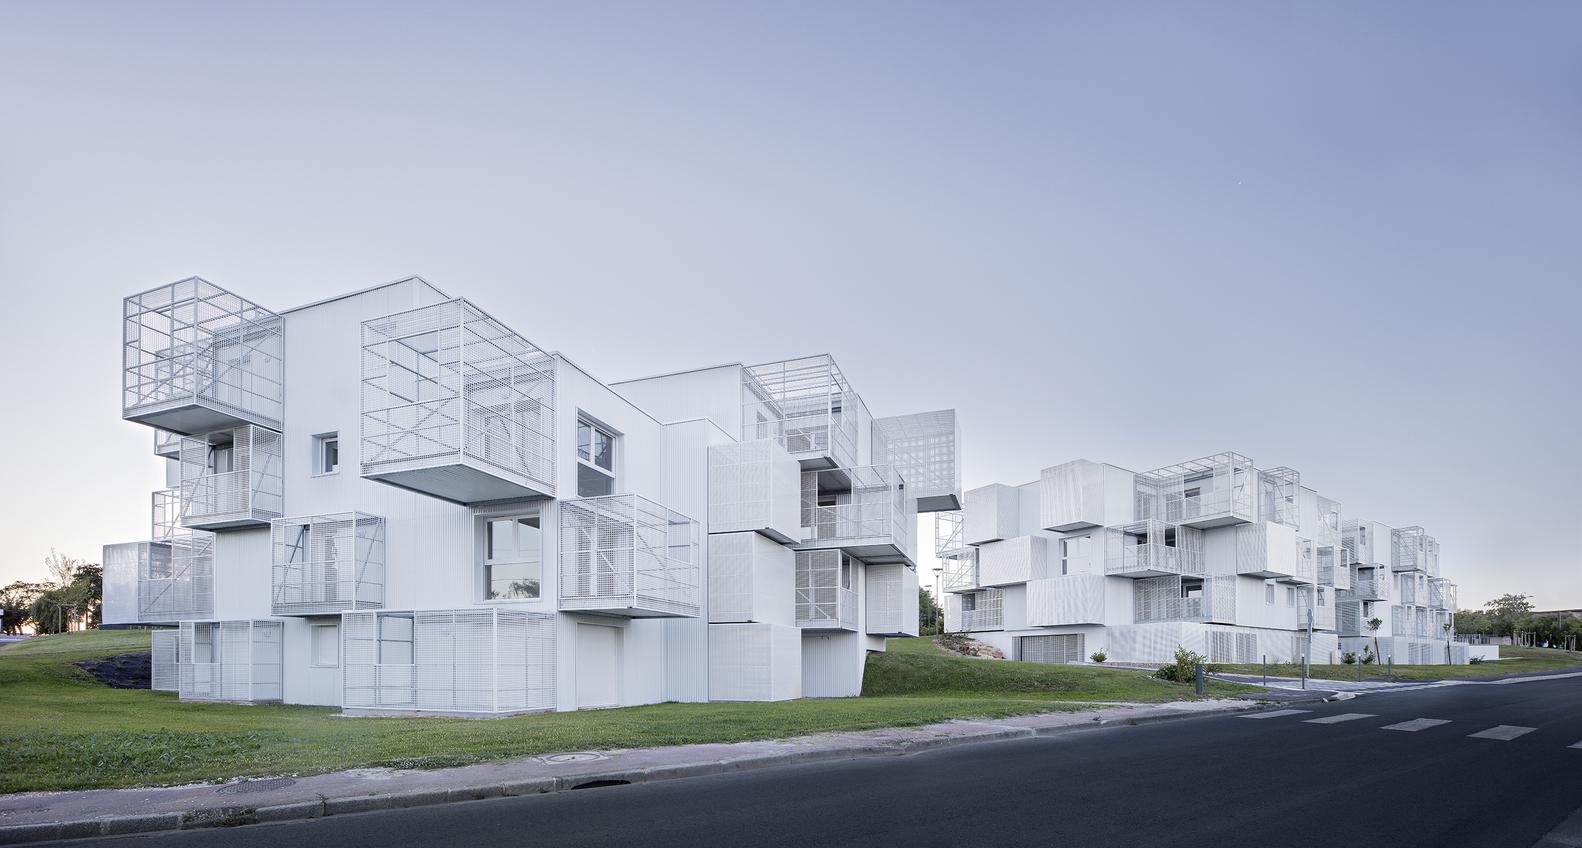 White Clouds / POGGI & MORE architecture